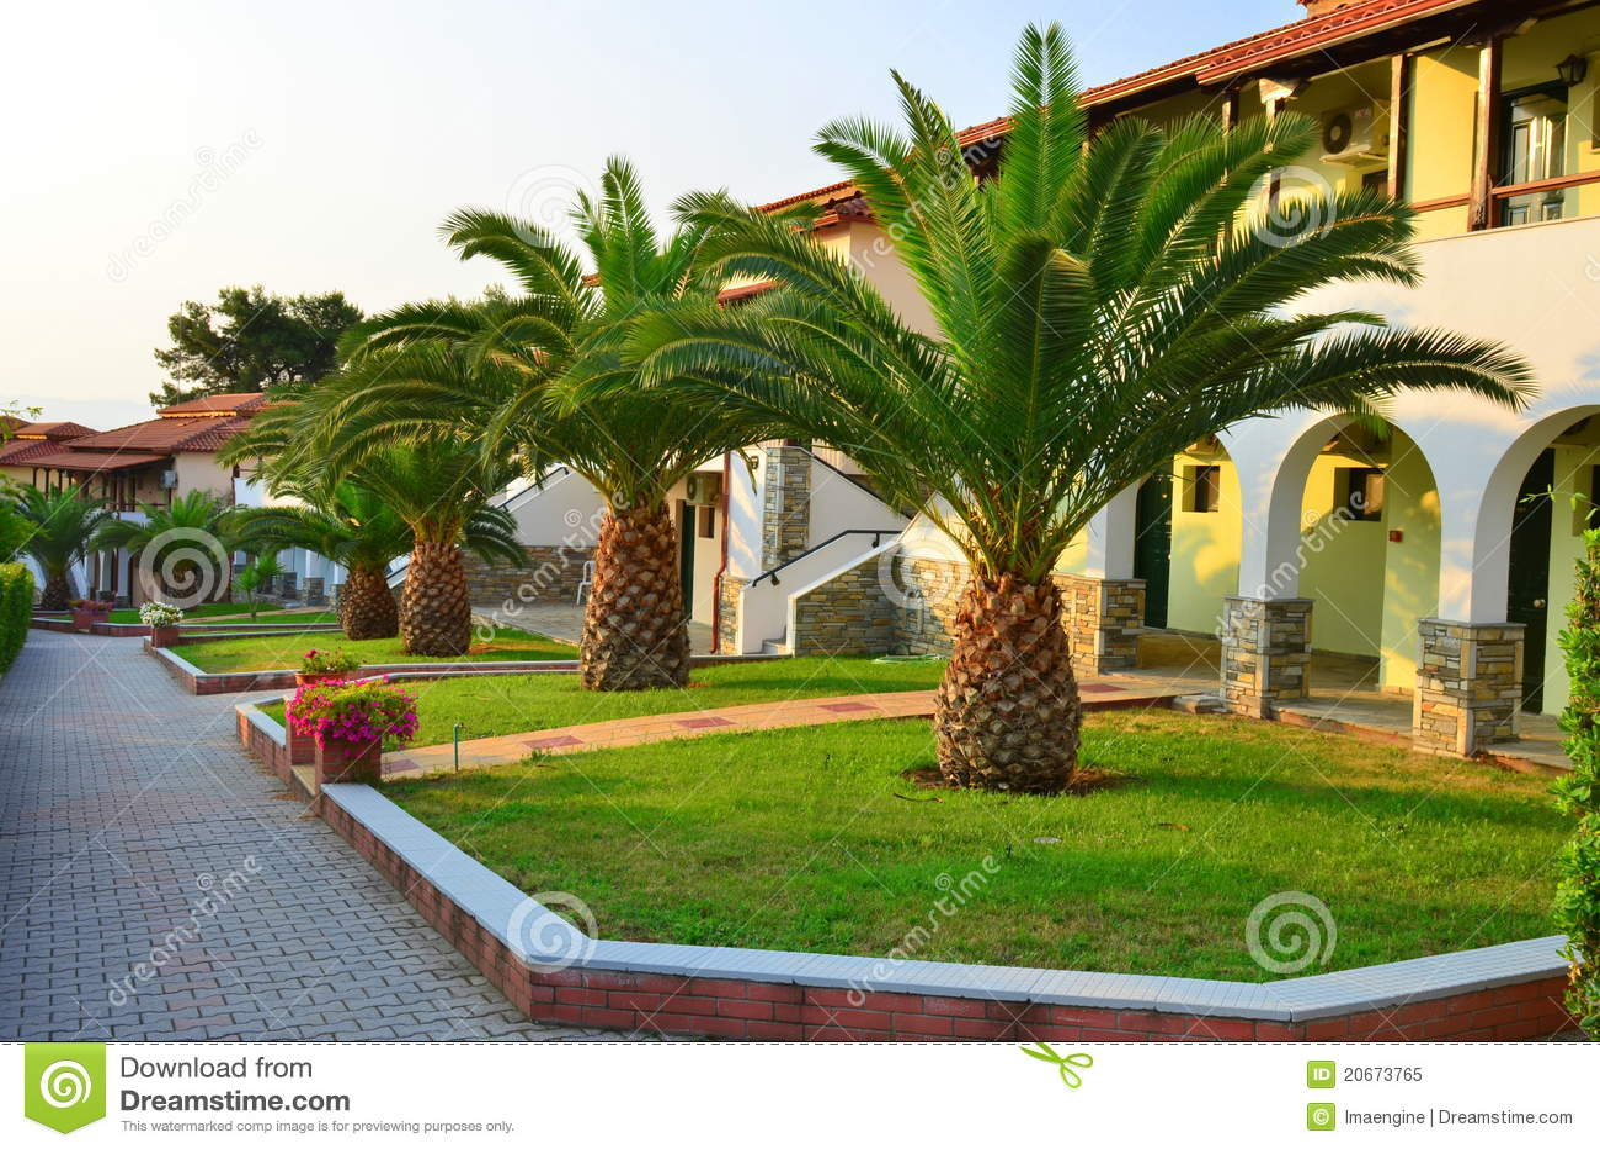 jardin de palmiers d 39 une ressource de villas photo libre de droits image 20673765. Black Bedroom Furniture Sets. Home Design Ideas